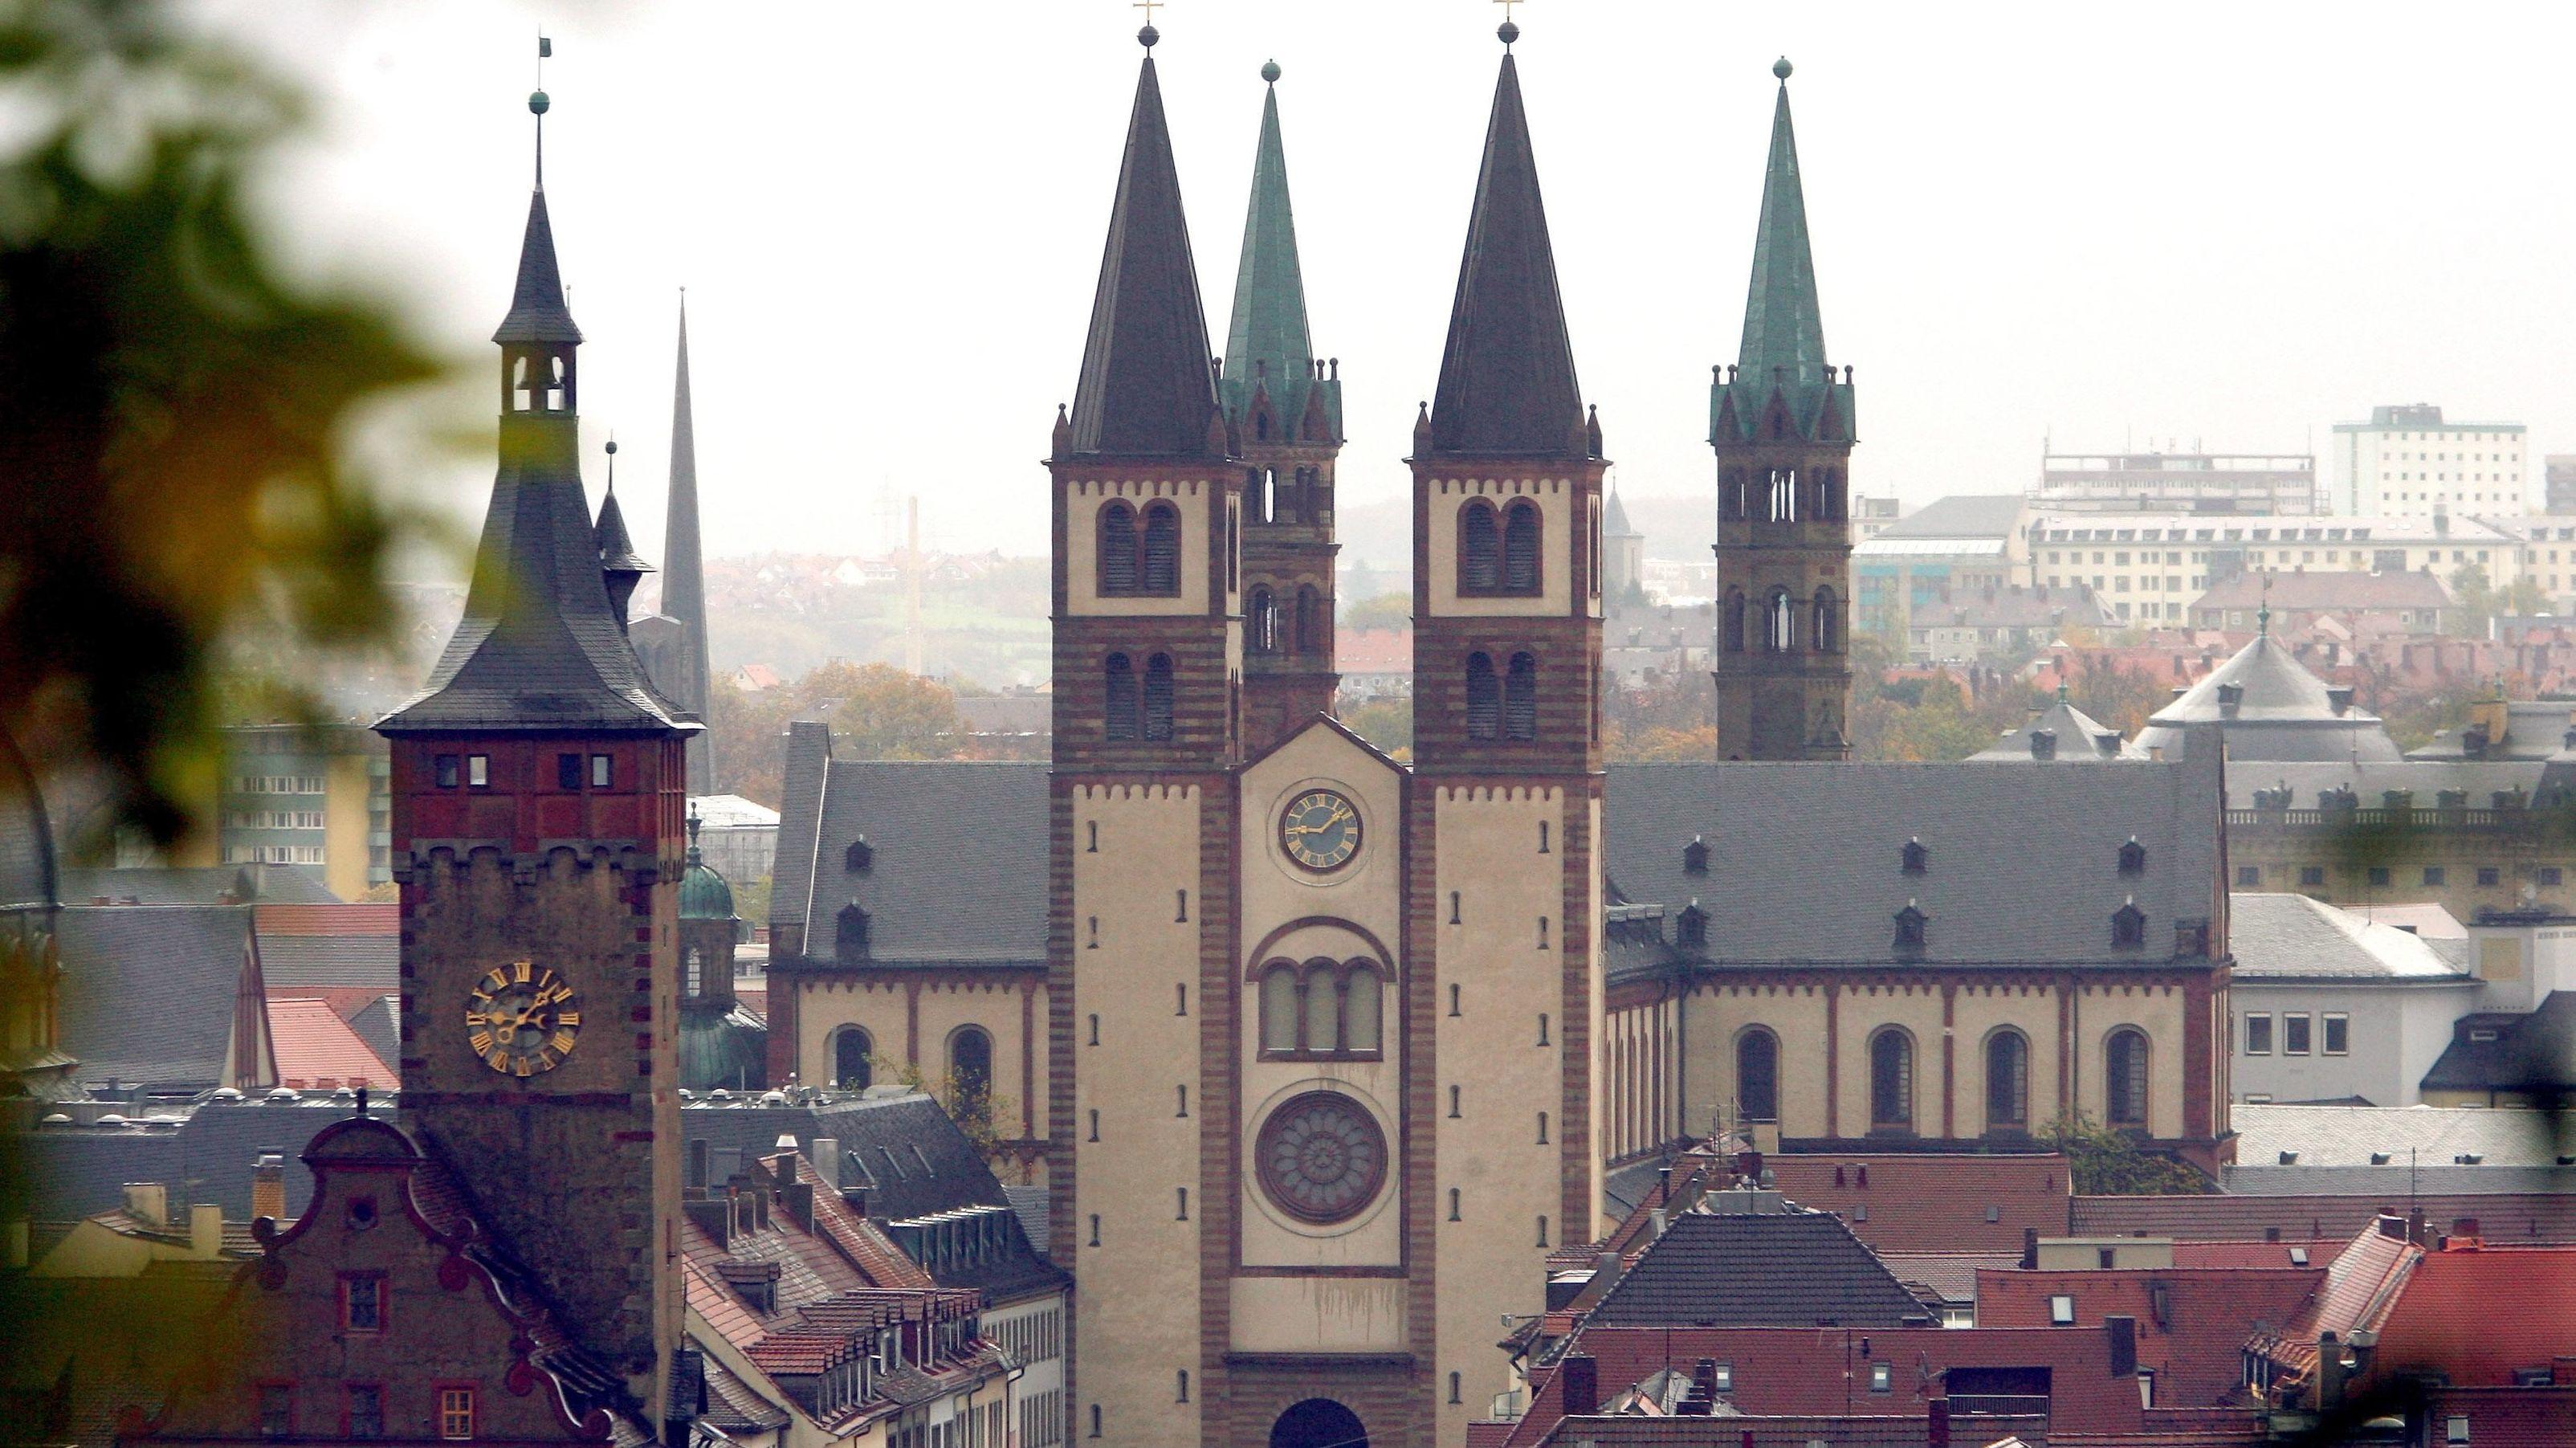 Der Kiliansdom in Würzburg. Das Bistum Würzburg hat einen Baustopp verhängt.